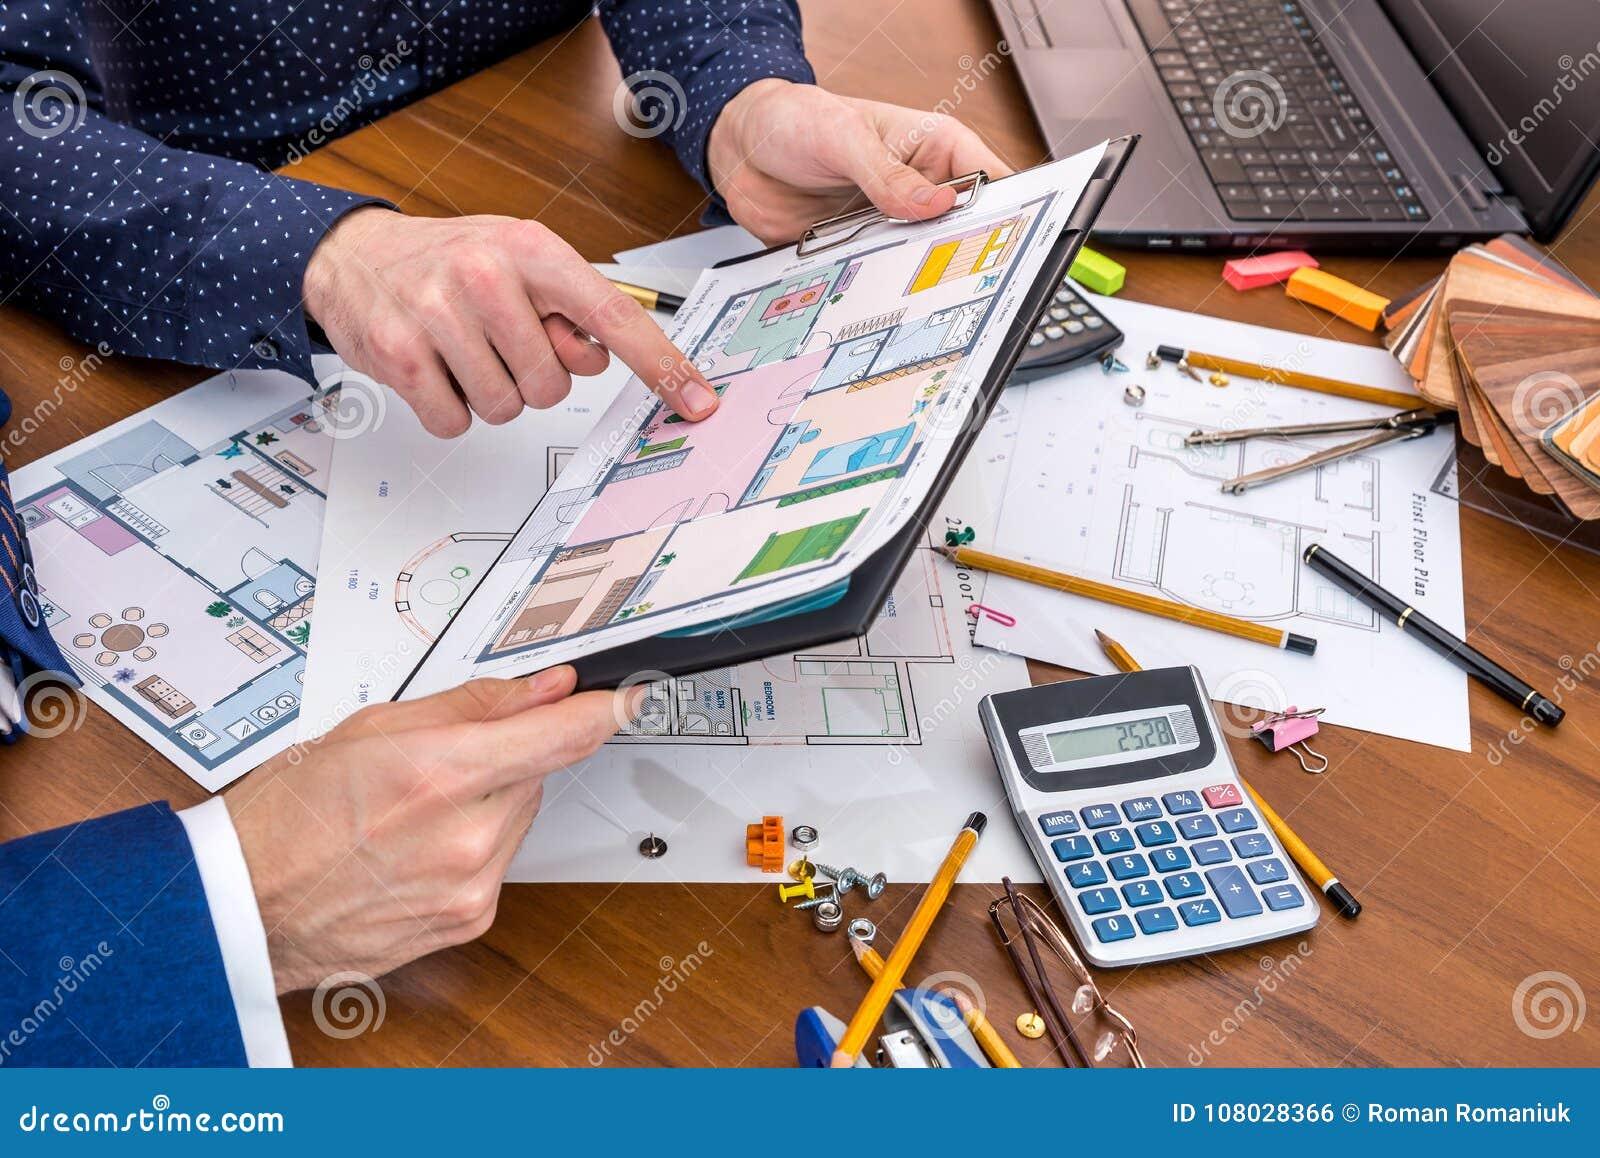 Twee mensen die over architecturaal project met techniekhulpmiddelen op werkplaats spreken